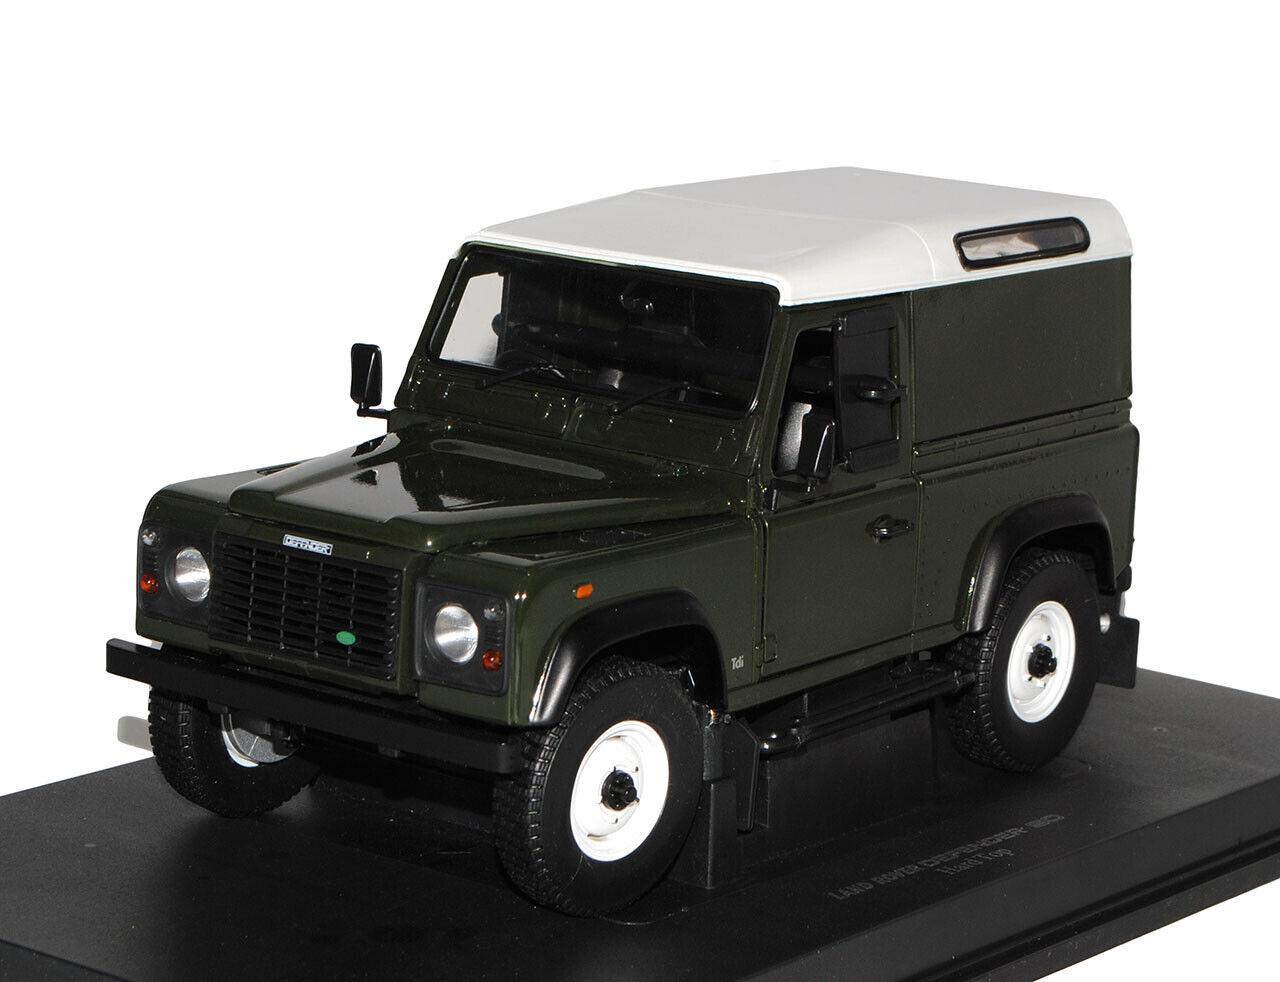 Land Rover Defender 90 Grün 3 Türer 1 18 Universal Hobbies Modell Auto mit ode..